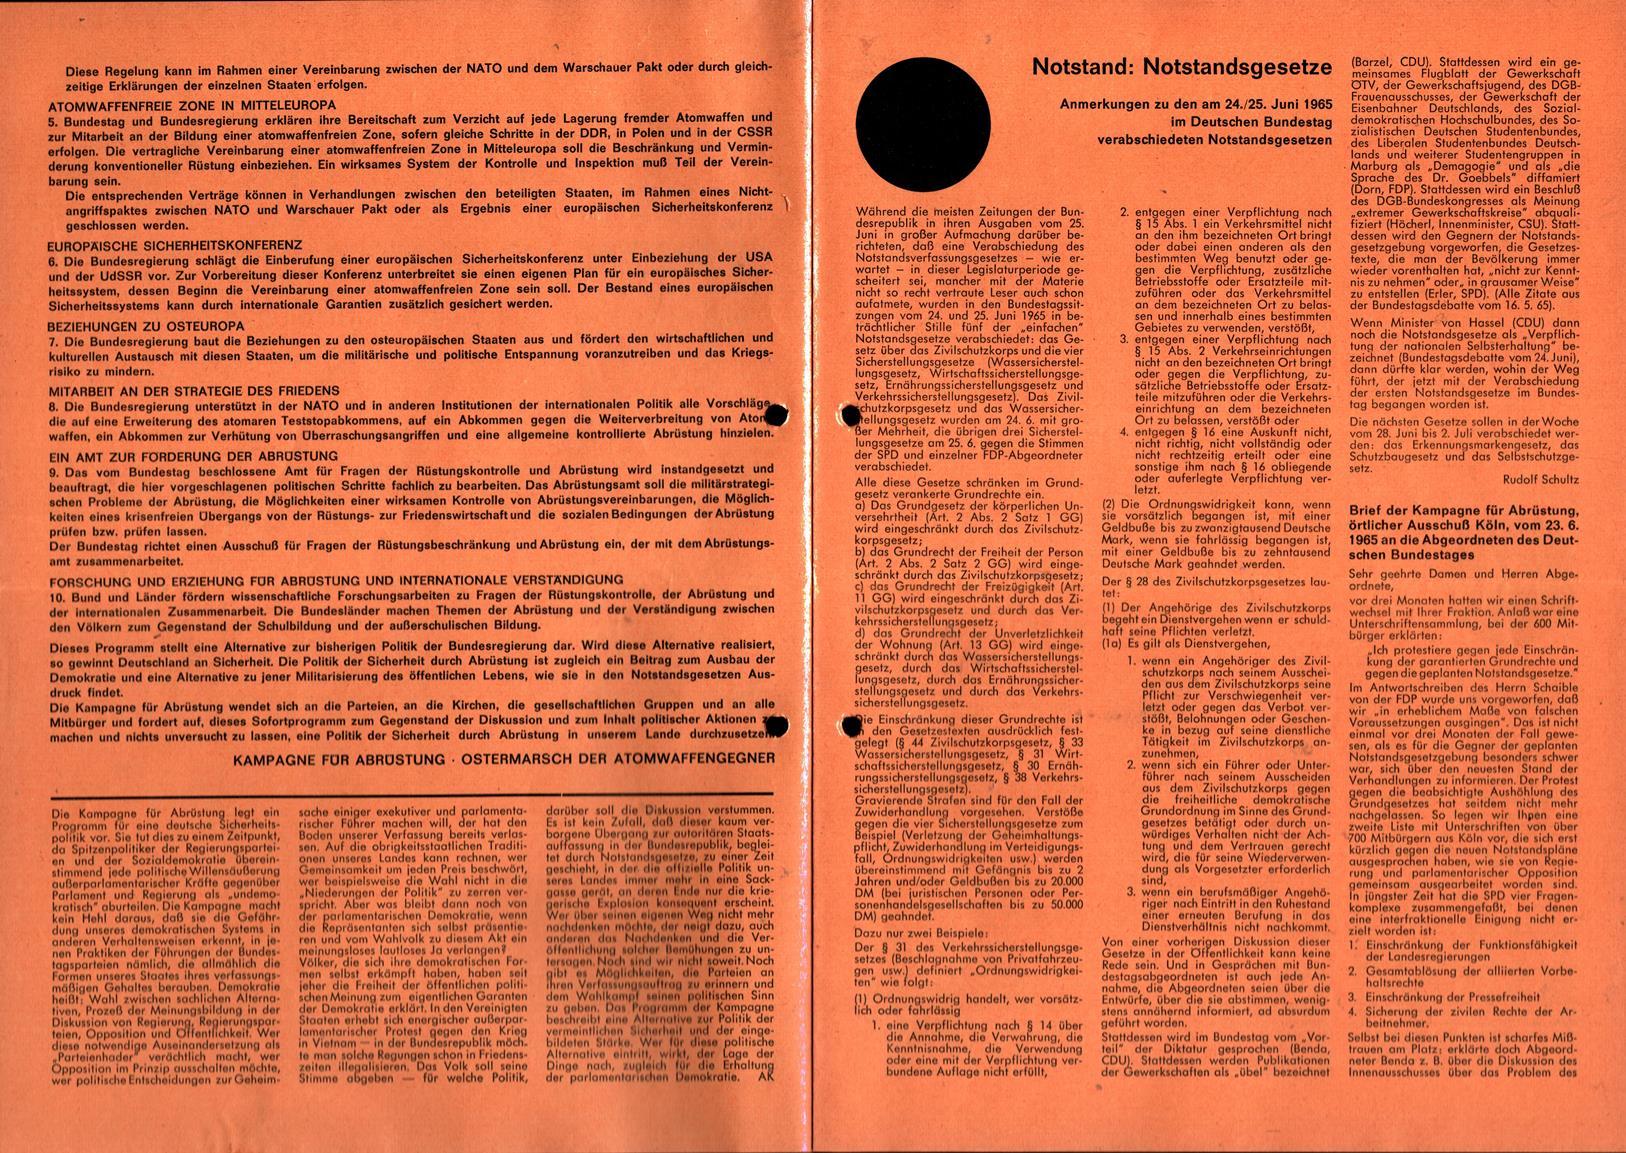 Infos_zur_Abruestung_1965_023_002